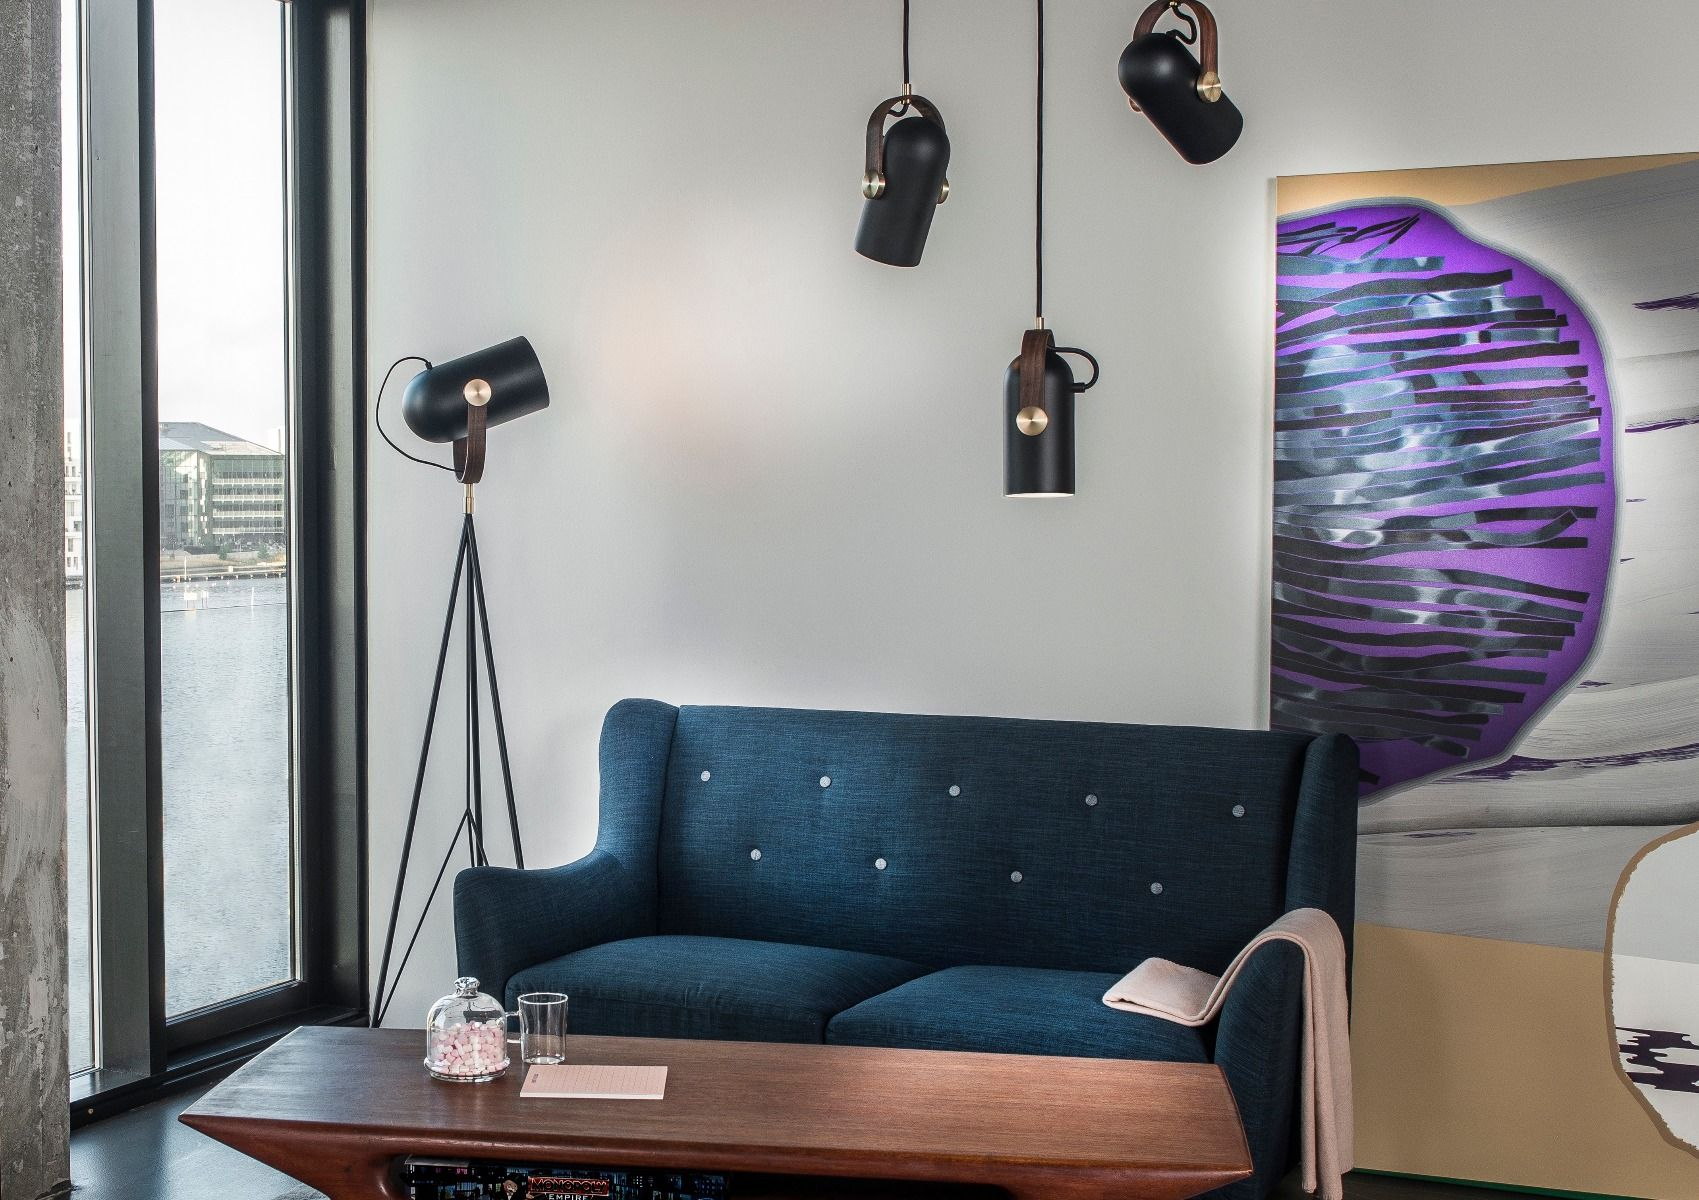 Le Klint Carronade High Floor Light